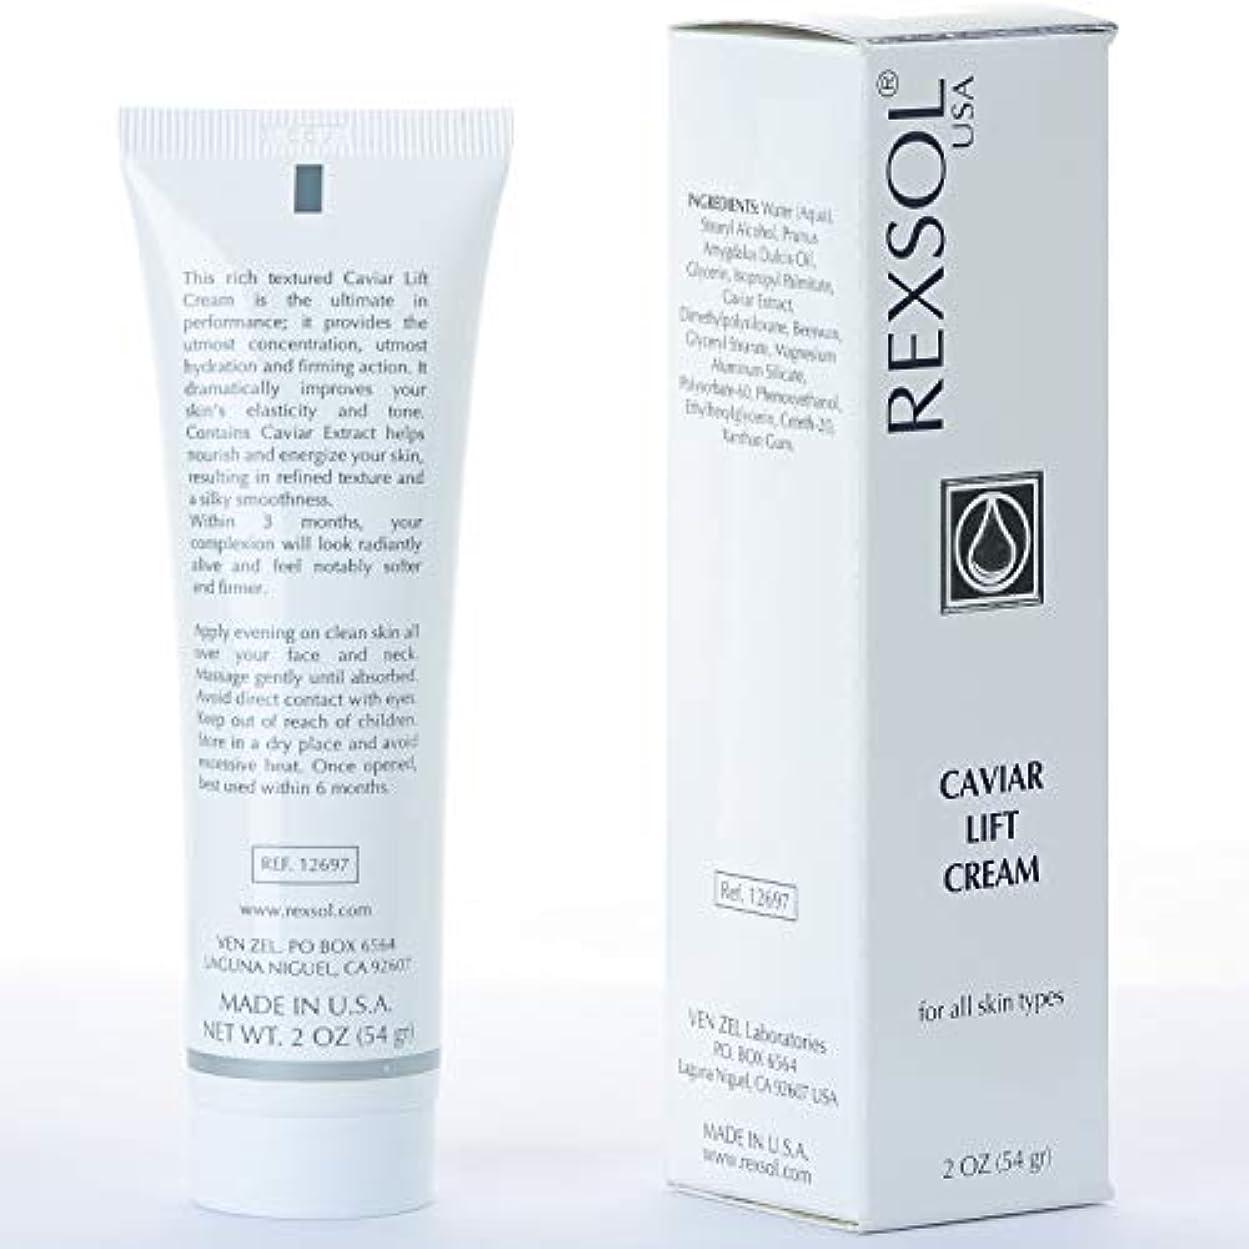 アラーム歯痛有料REXSOL Caviar Lift Cream | Contains Prunus Amygdalus Dulcis Oil, Glycerin, Beeswax & Caviar Extract | あなたの肌の弾力...